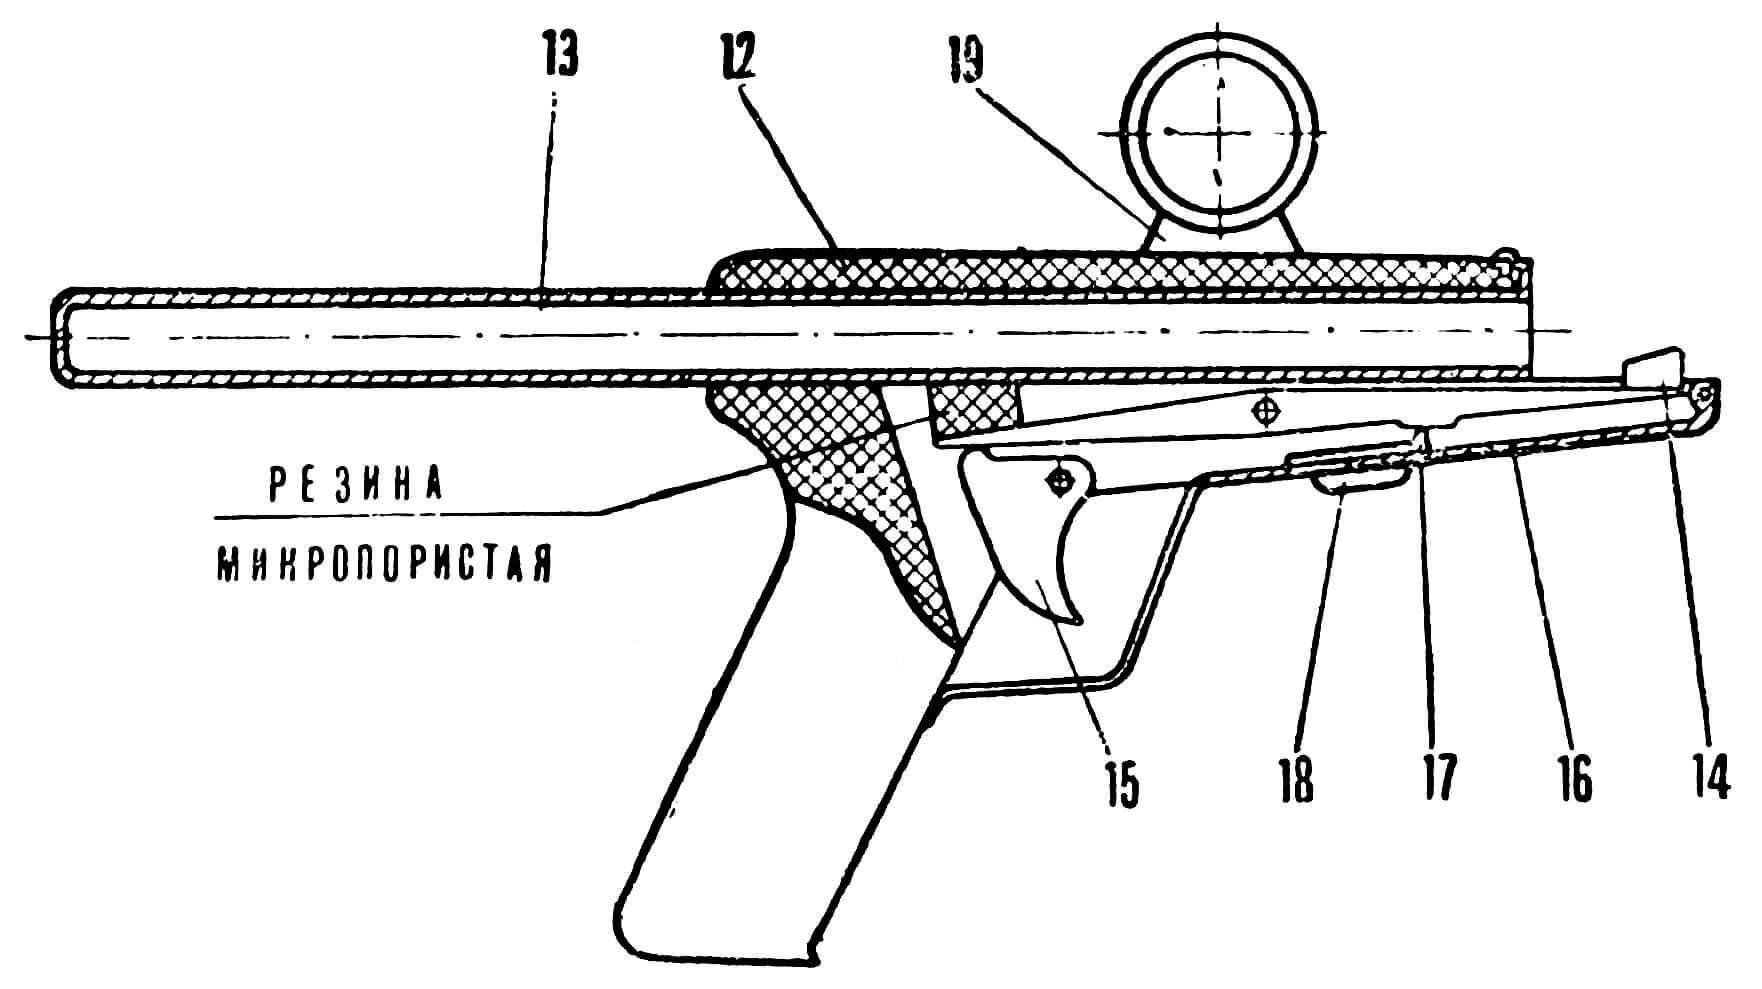 Рис. 2. Ствол (позиции указаны в перечне основных деталей ружья).